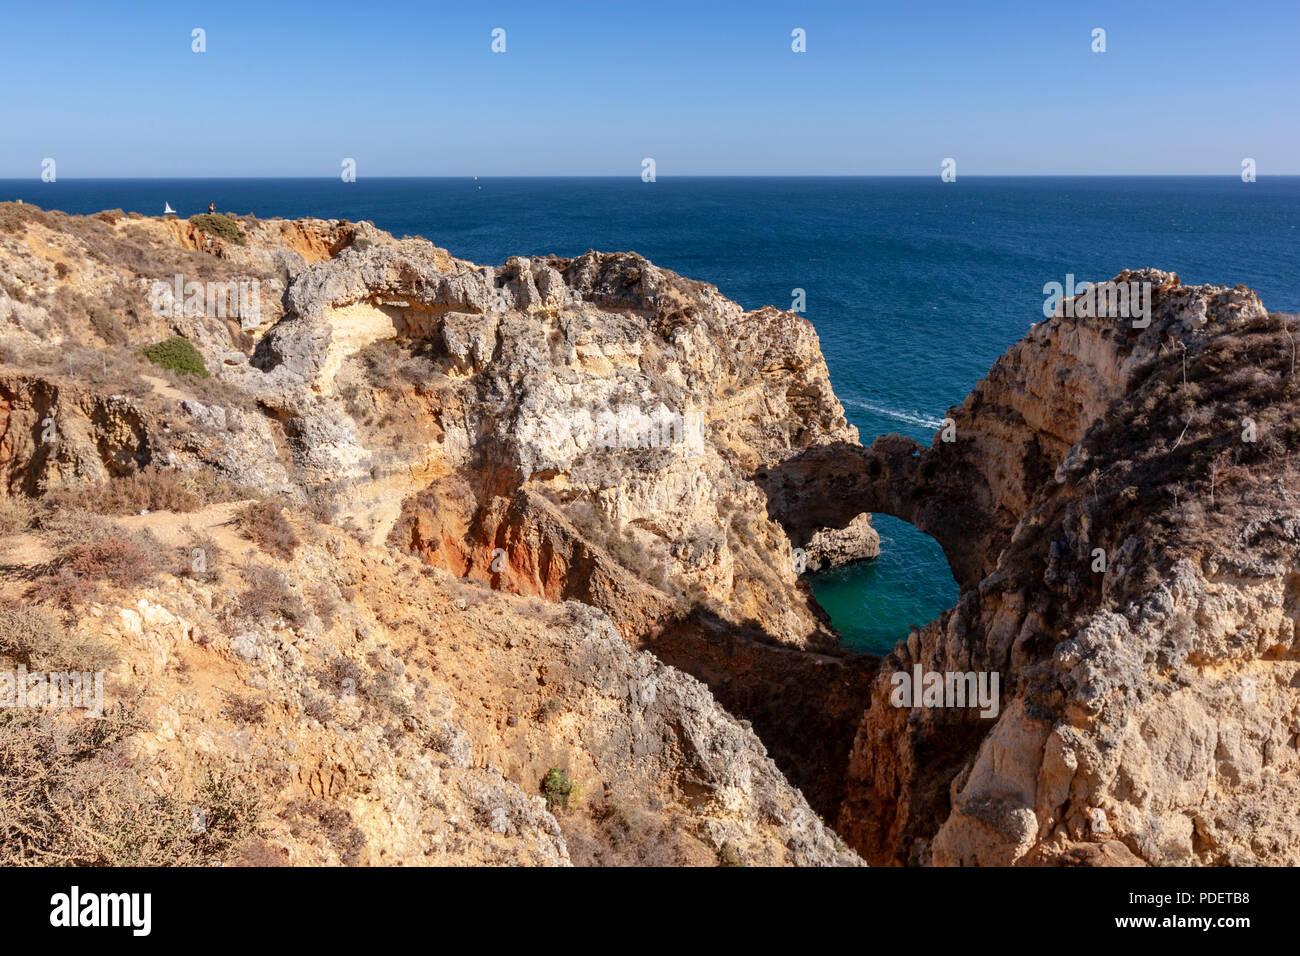 Des vues pittoresques sur les côtes accidentées et de falaises de grès près de Farol da Ponta da Piedade, Lagos, Algarve, Portugal. Photo Stock